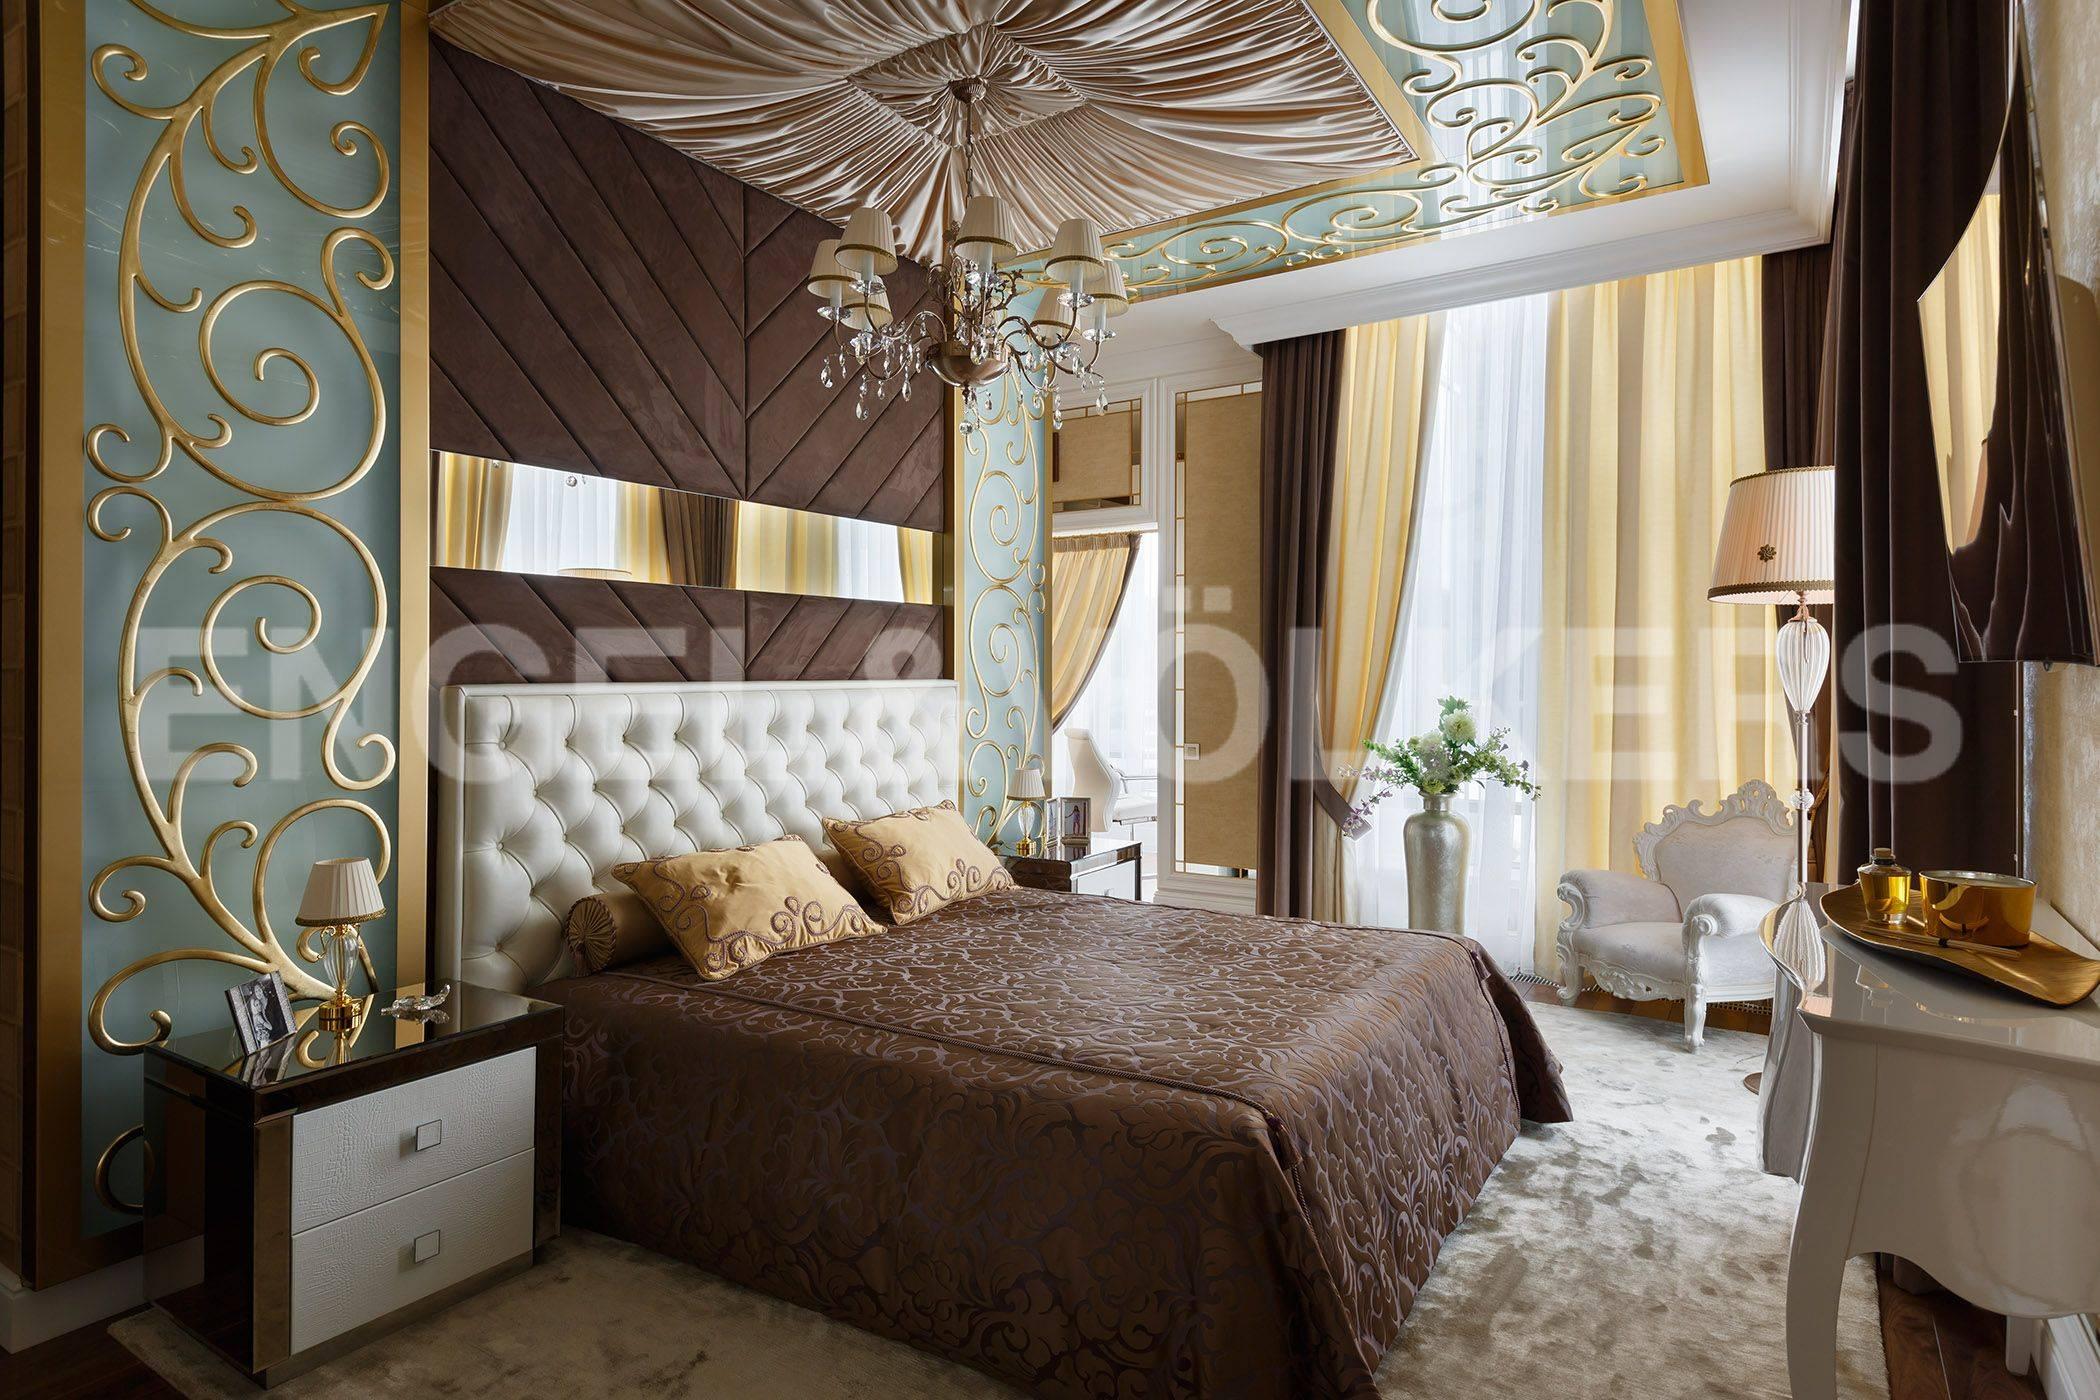 Элитные квартиры на . Санкт-Петербург, Константиновский, 23. Спальня